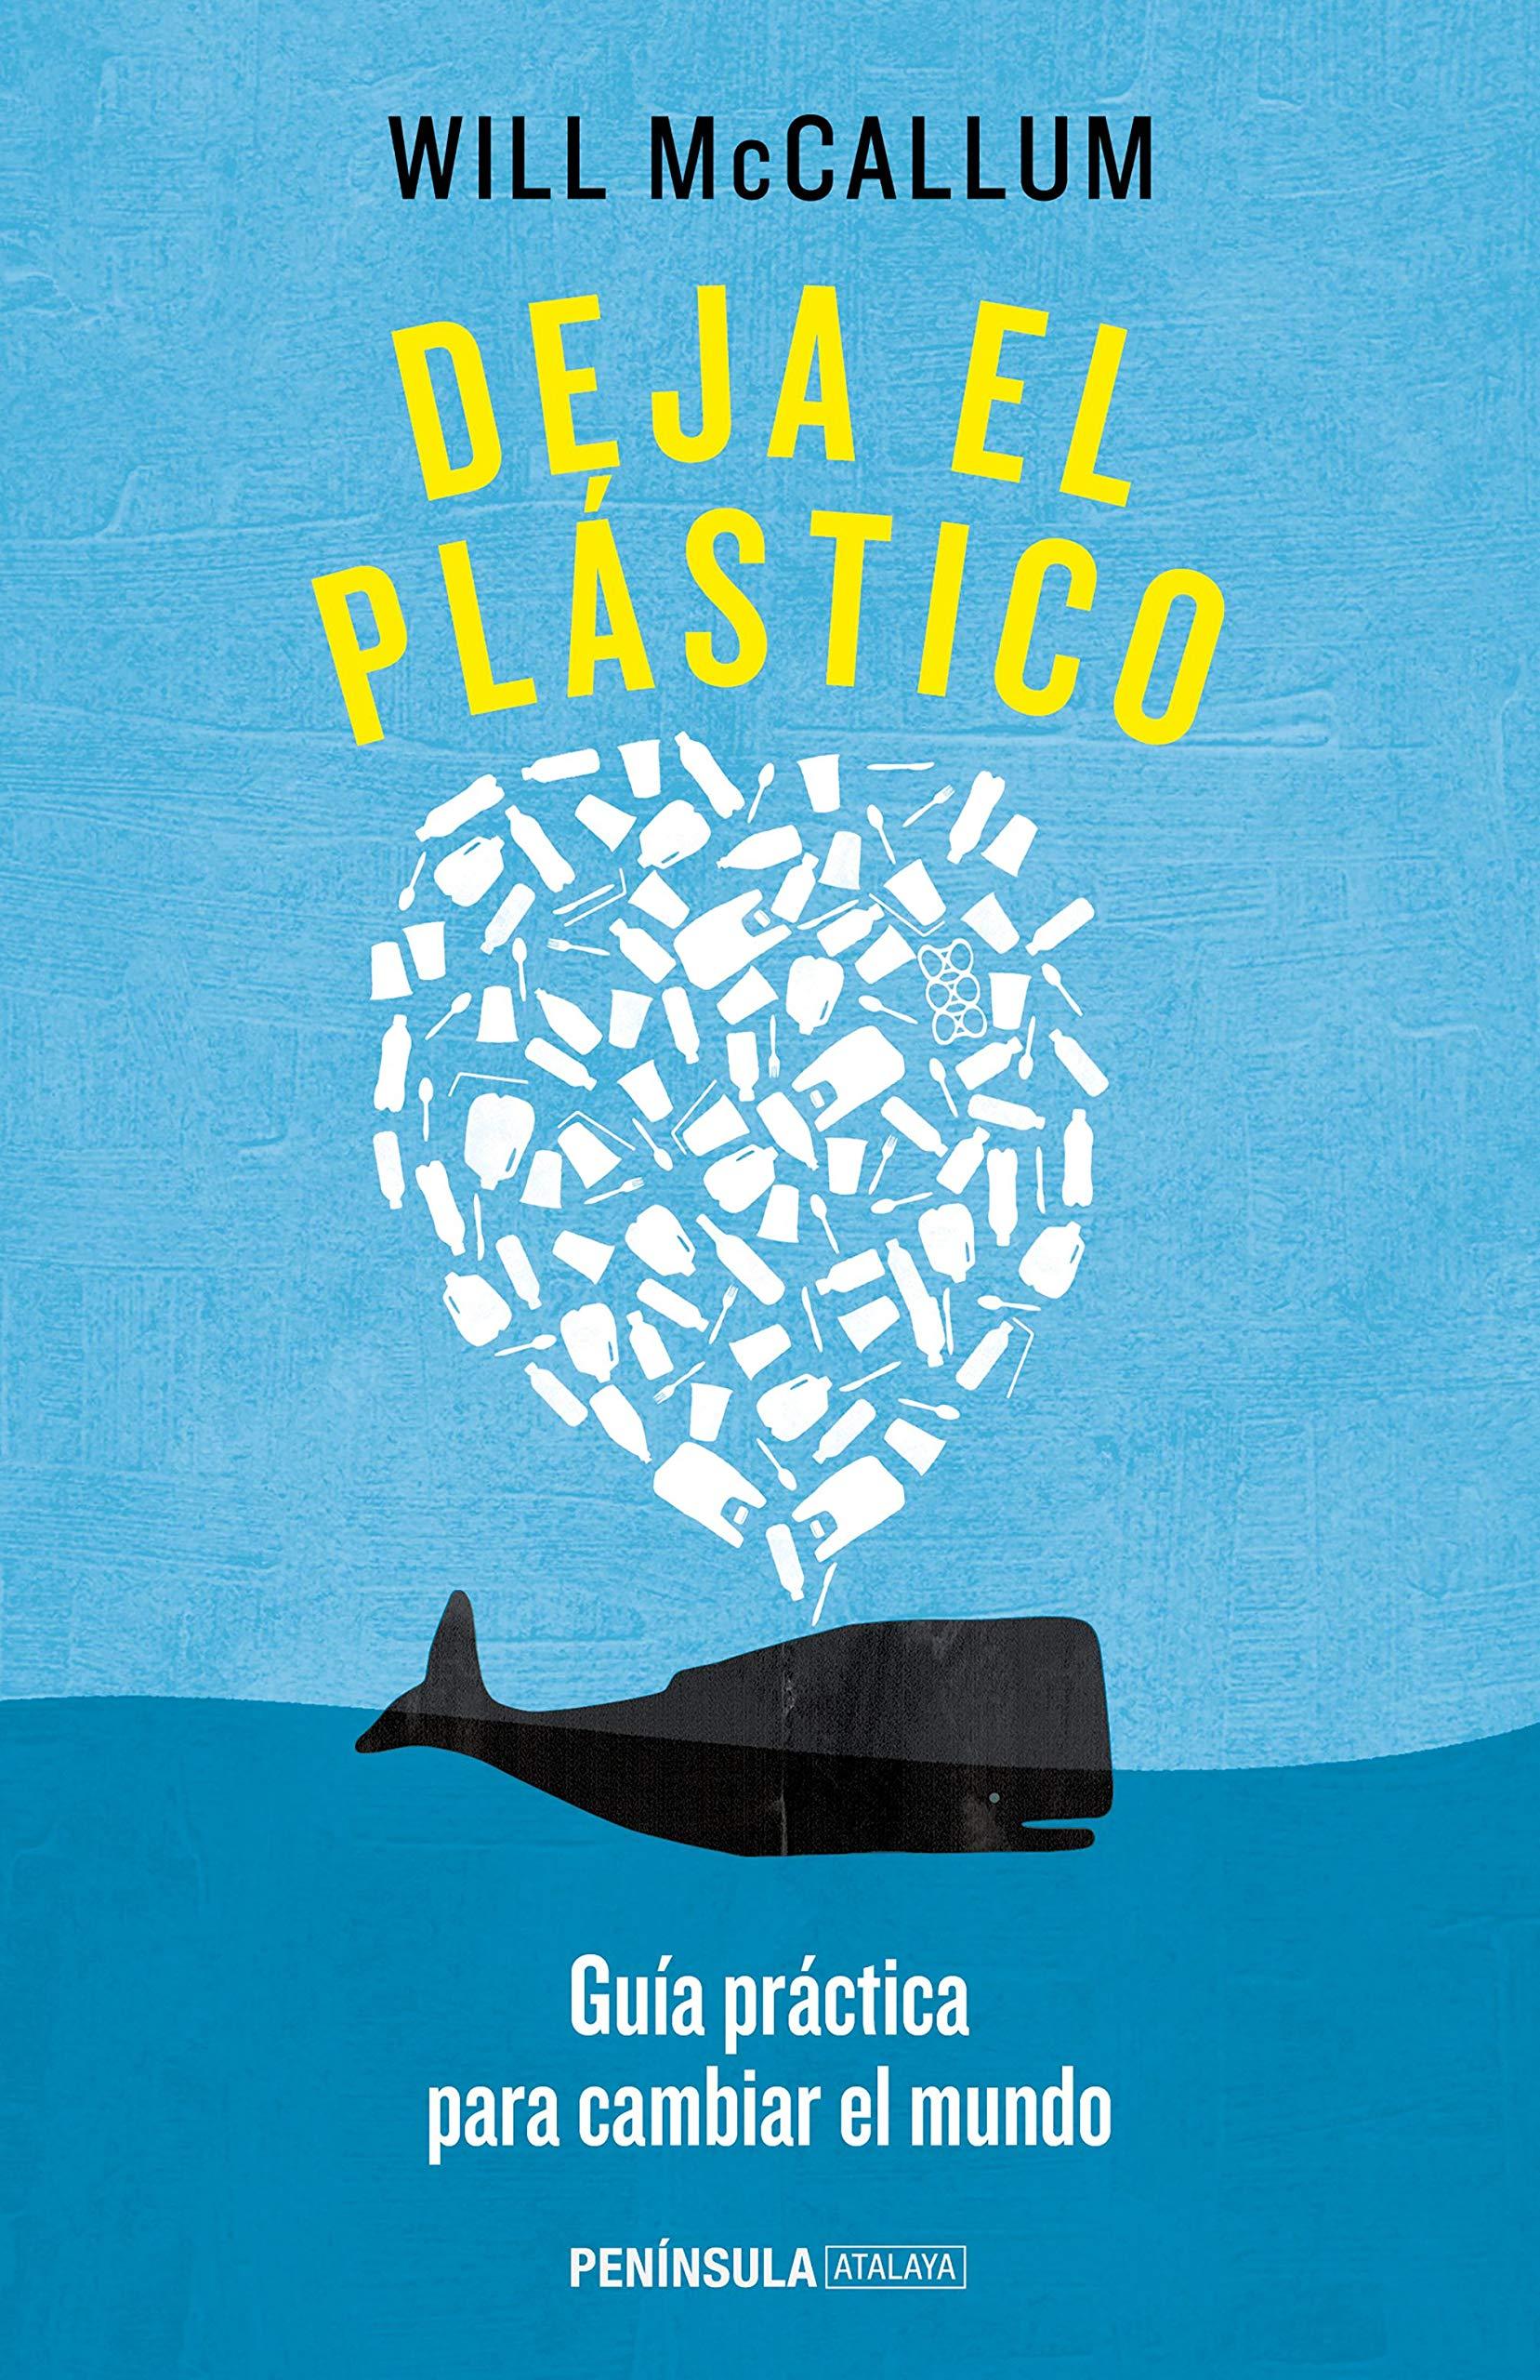 Deja el plástico: Guía práctica para cambiar el mundo ATALAYA: Amazon.es: Will McCallum, David Paradela López: Libros